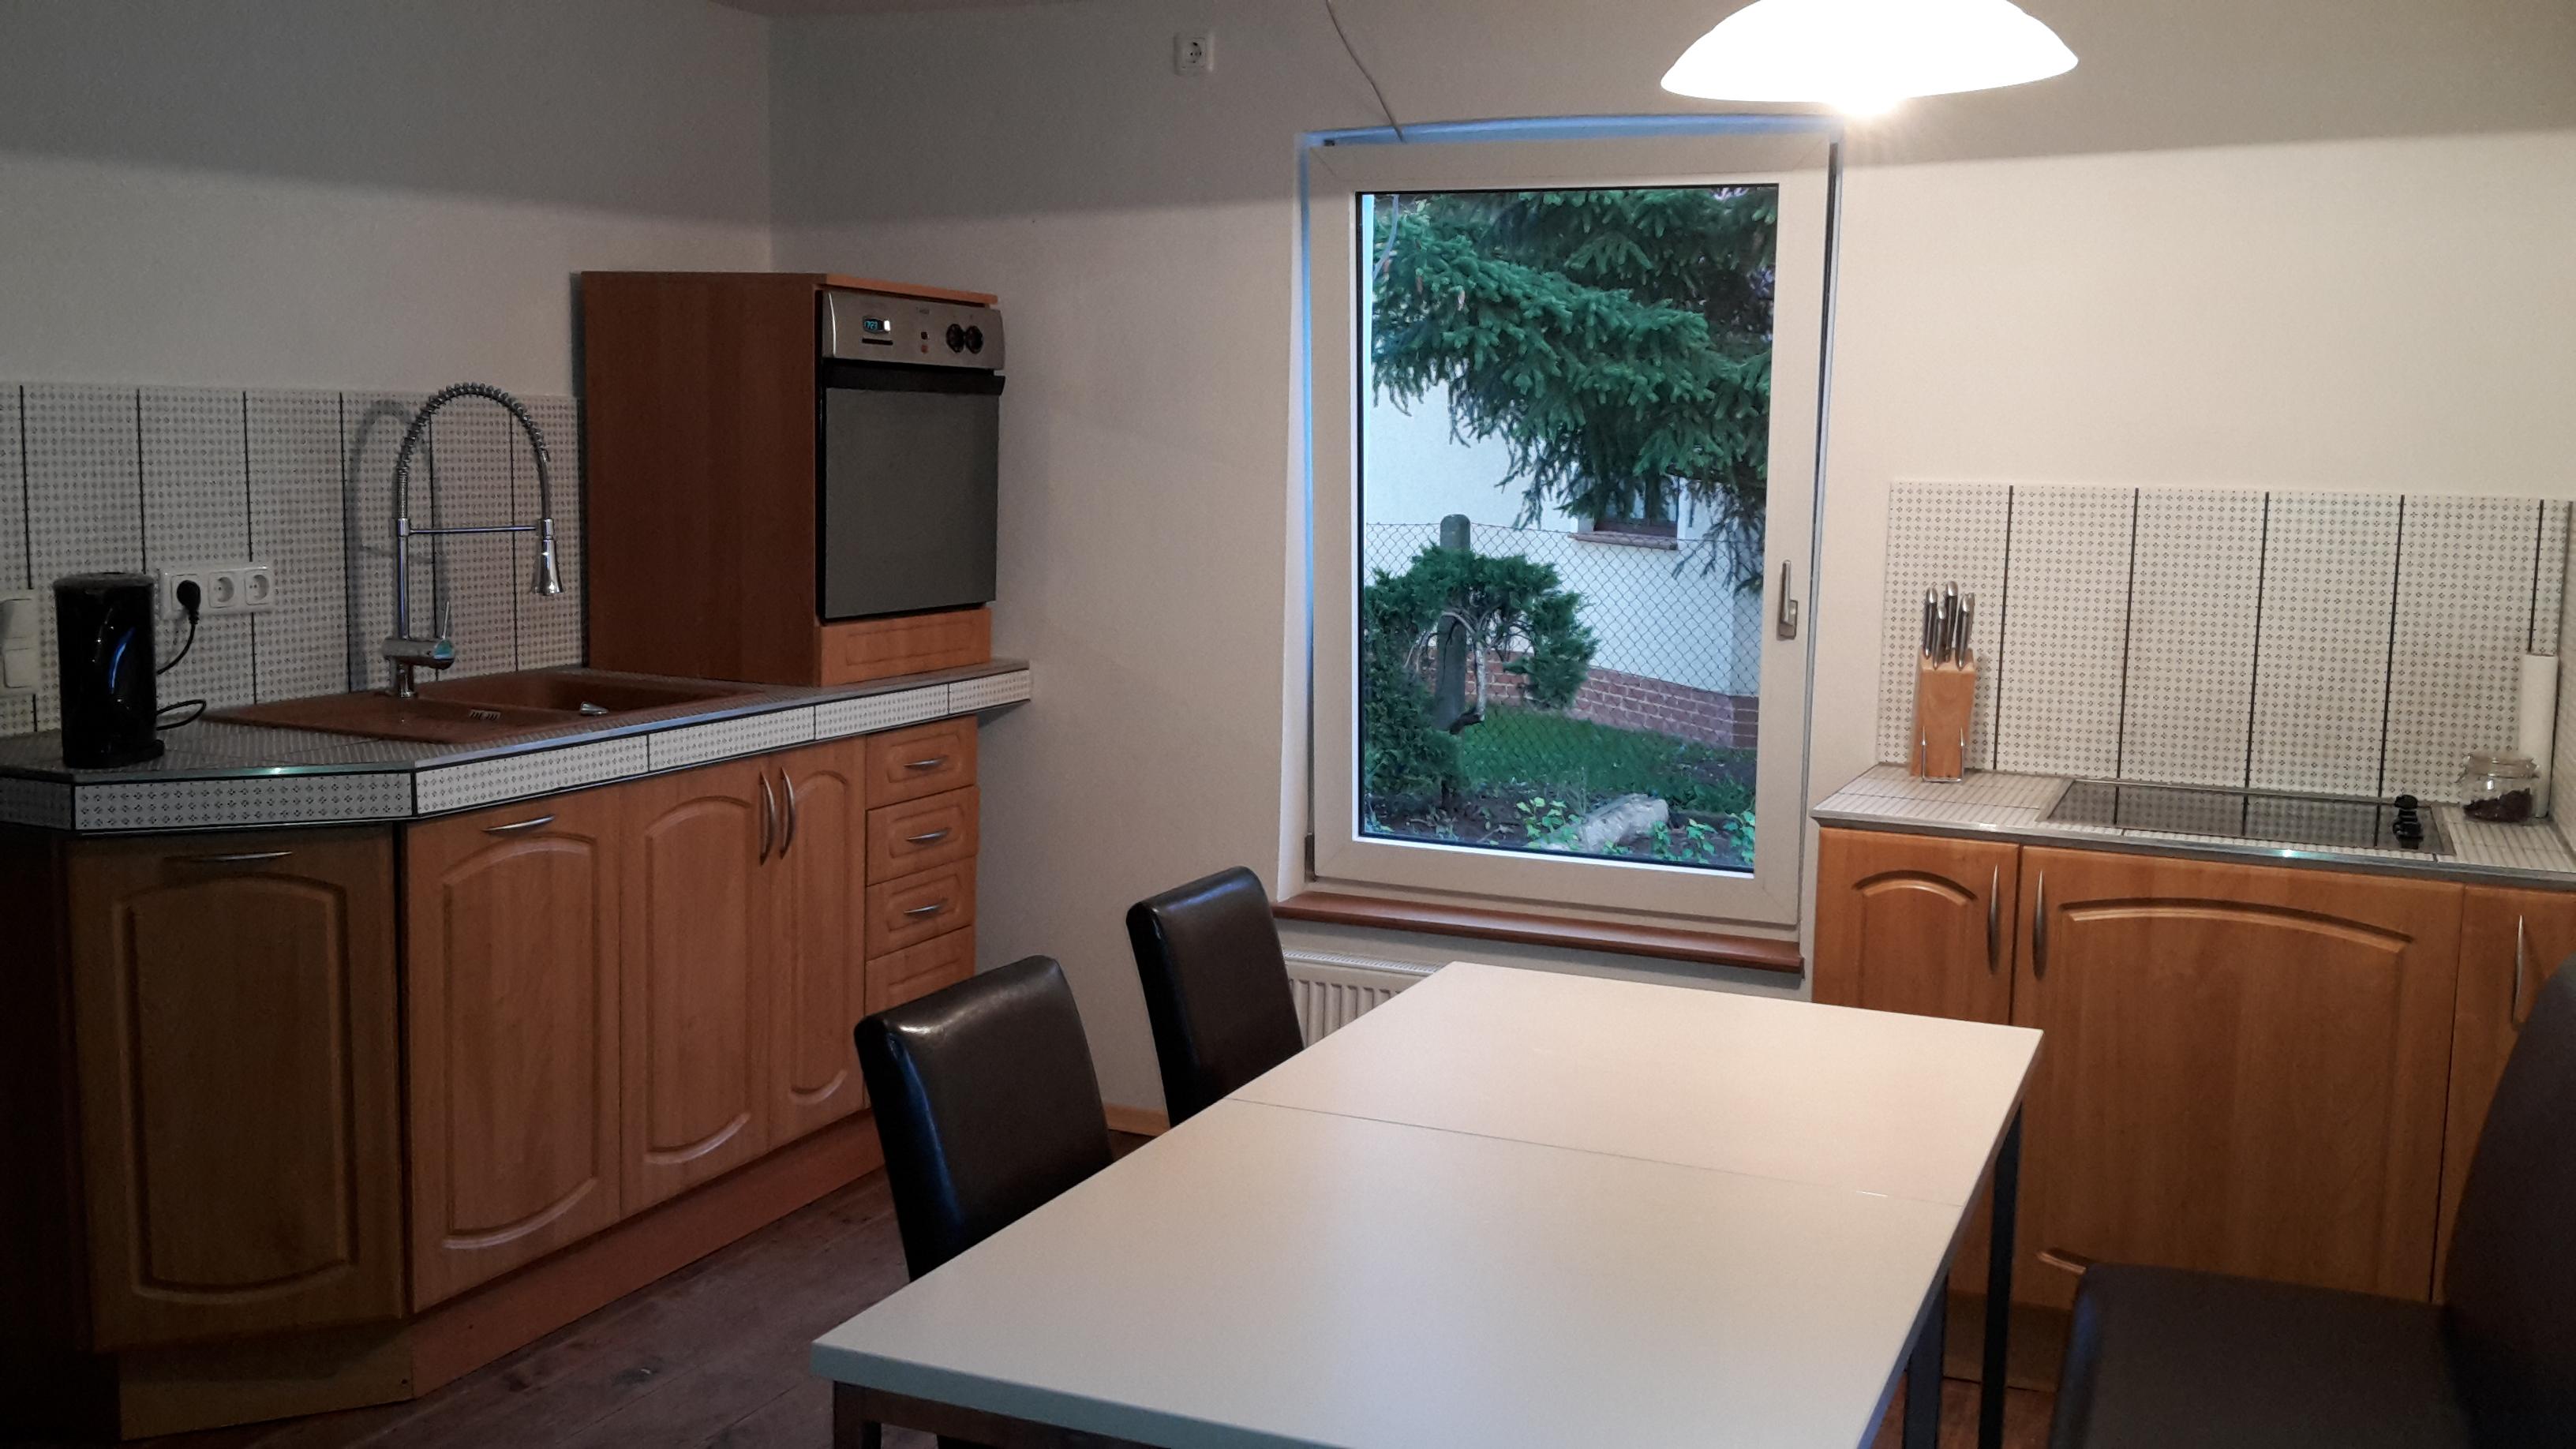 Große Küche mit Herd, Backofen, Spüle, Kühlschrank & Esstisch